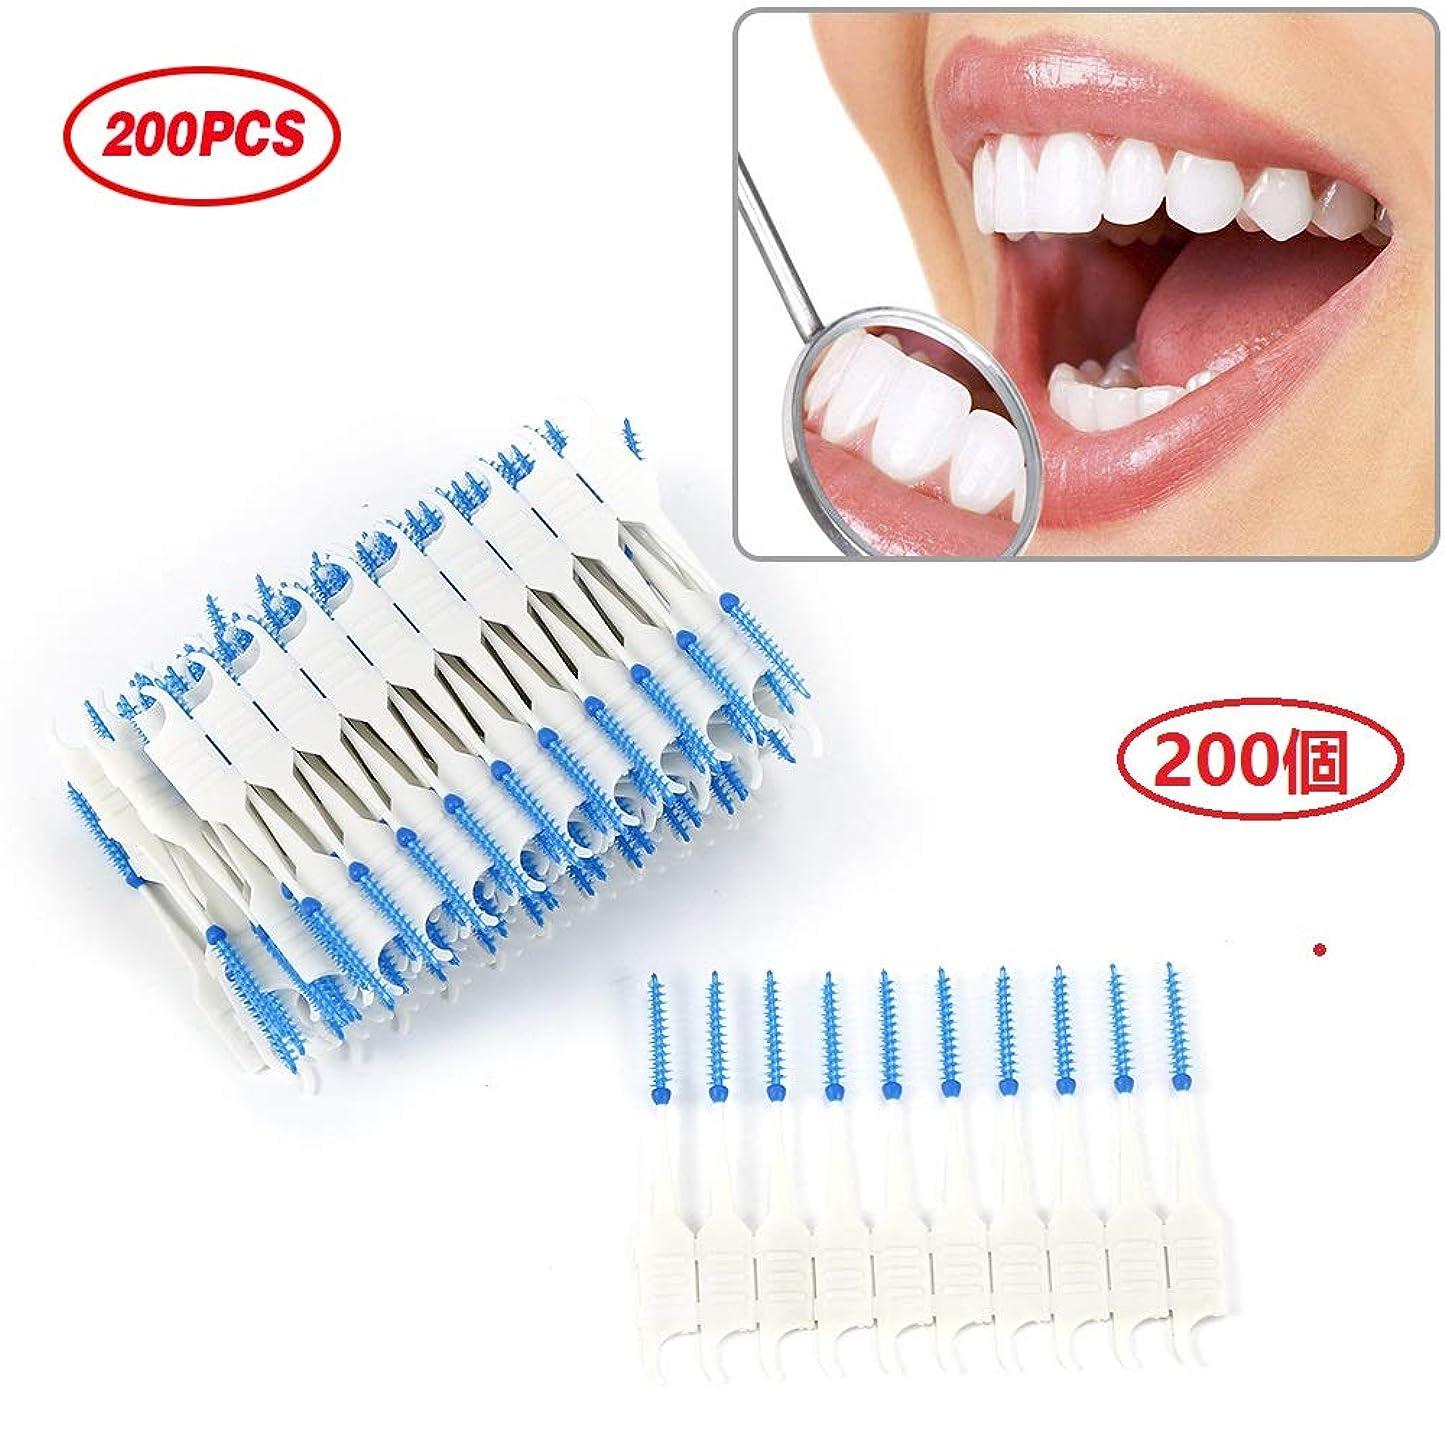 手のひら犯す持参200ピース歯のクリーニングオーラルケア歯フロス口腔衛生デンタルフロスソフト歯間二重つまようじ健康ツール 200 Pcs Teeth Cleaning Oral Care Tooth Floss Hygiene Dental Floss Soft Interdental Dual Toothpick